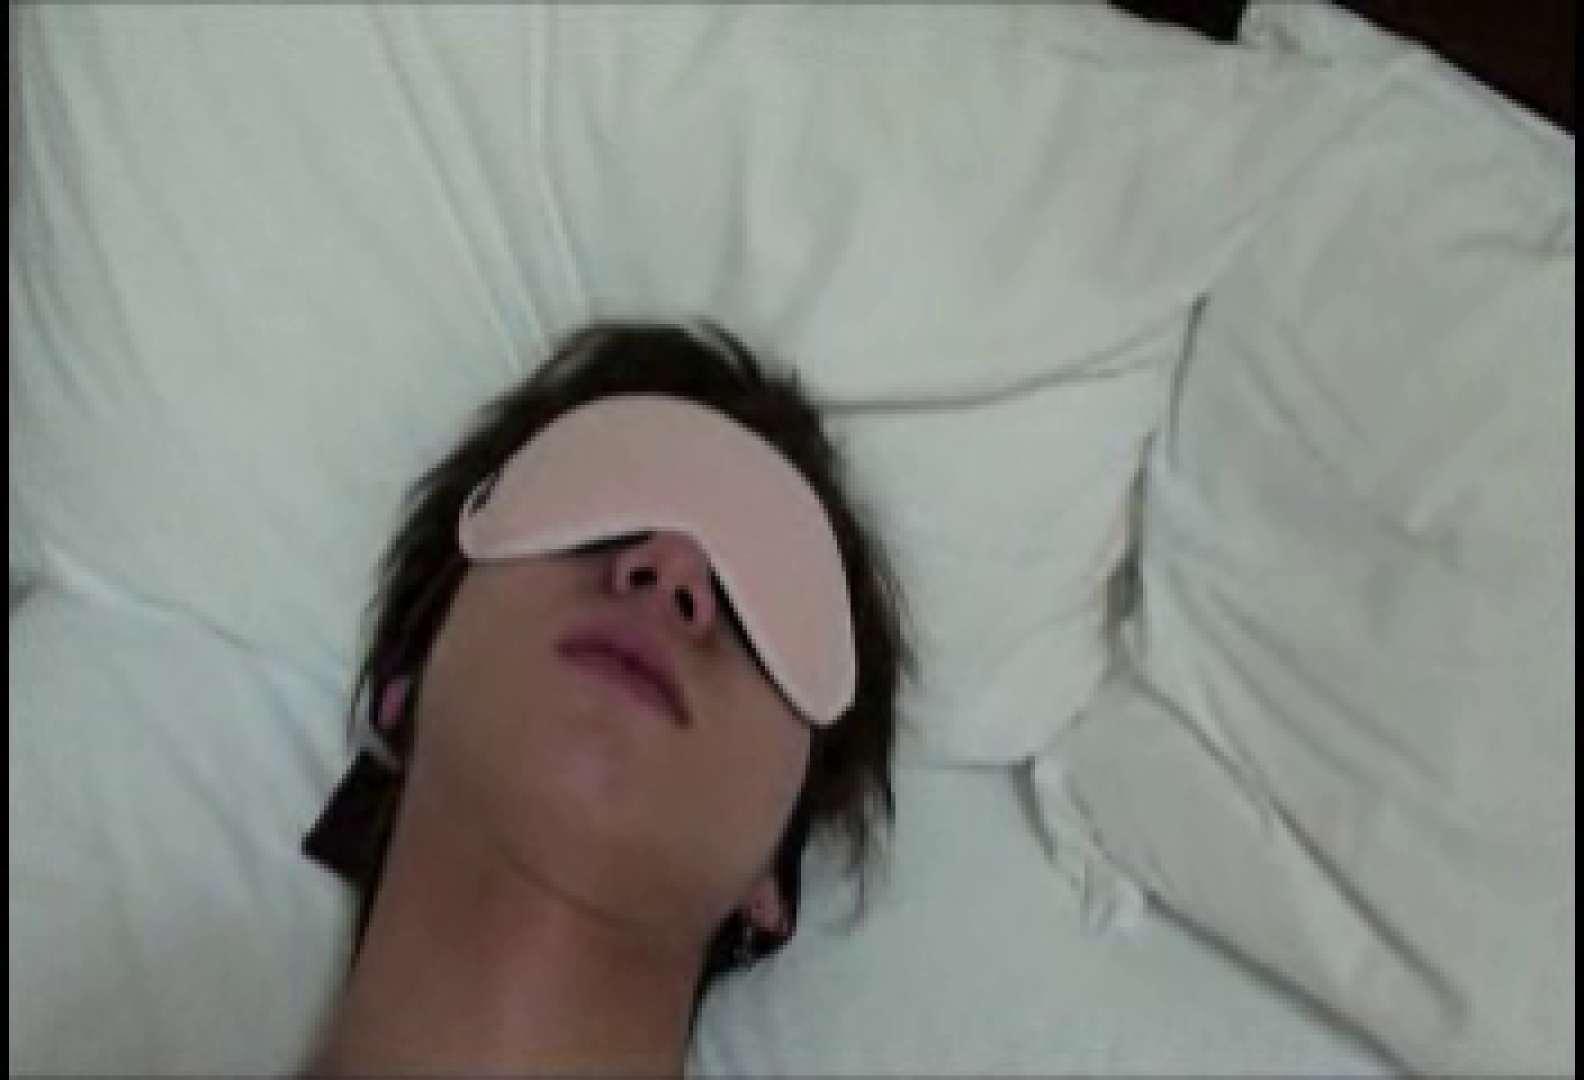 アイマスクでおもいっきり性感帯!!vol.05 ハメ撮り特集 | オナニー ゲイエロビデオ画像 85枚 44